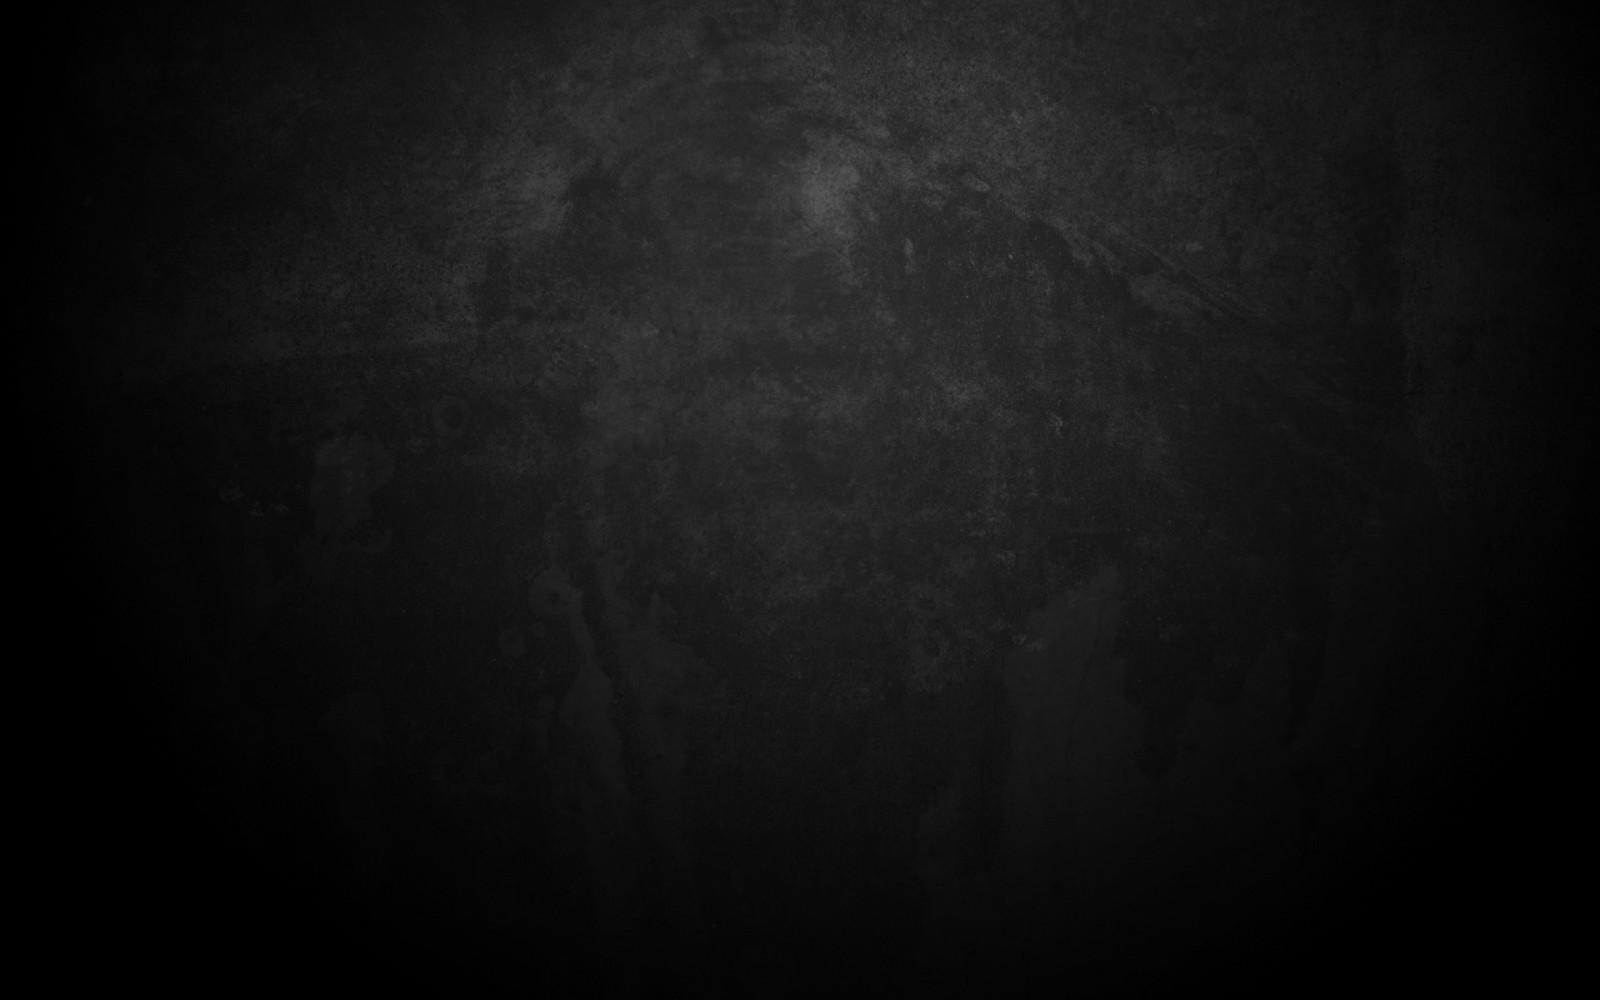 Fond D Ecran Lumiere Du Soleil Monochrome Fond Simple Fond Noir Fonce Texture Atmosphere Obscurite Capture D Ecran Papier Peint De L Ordinateur Noir Et Blanc Photographie Monochrome 1920x1200 Hanako 72057